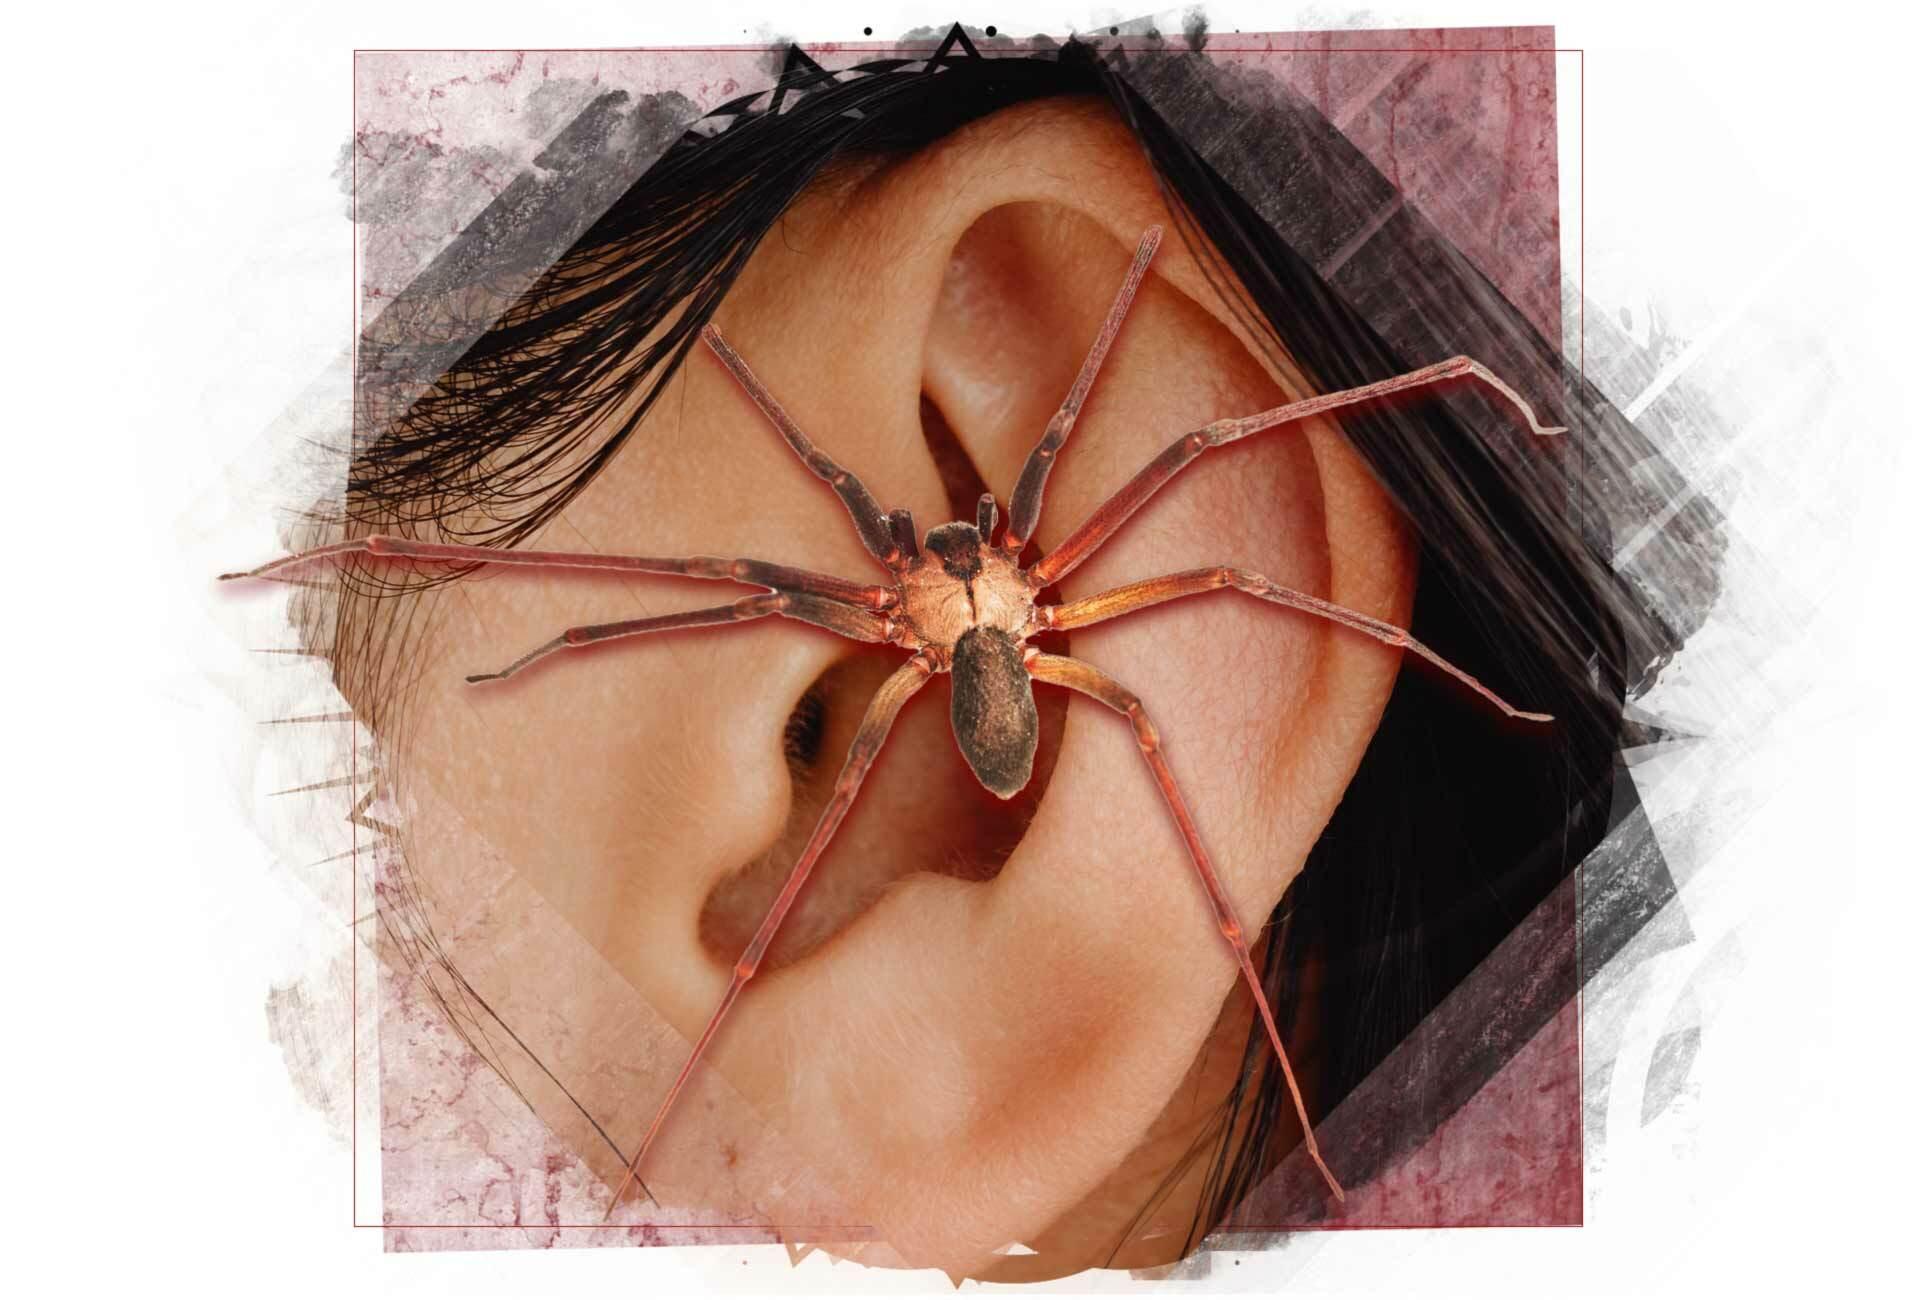 Spinne im Ohr